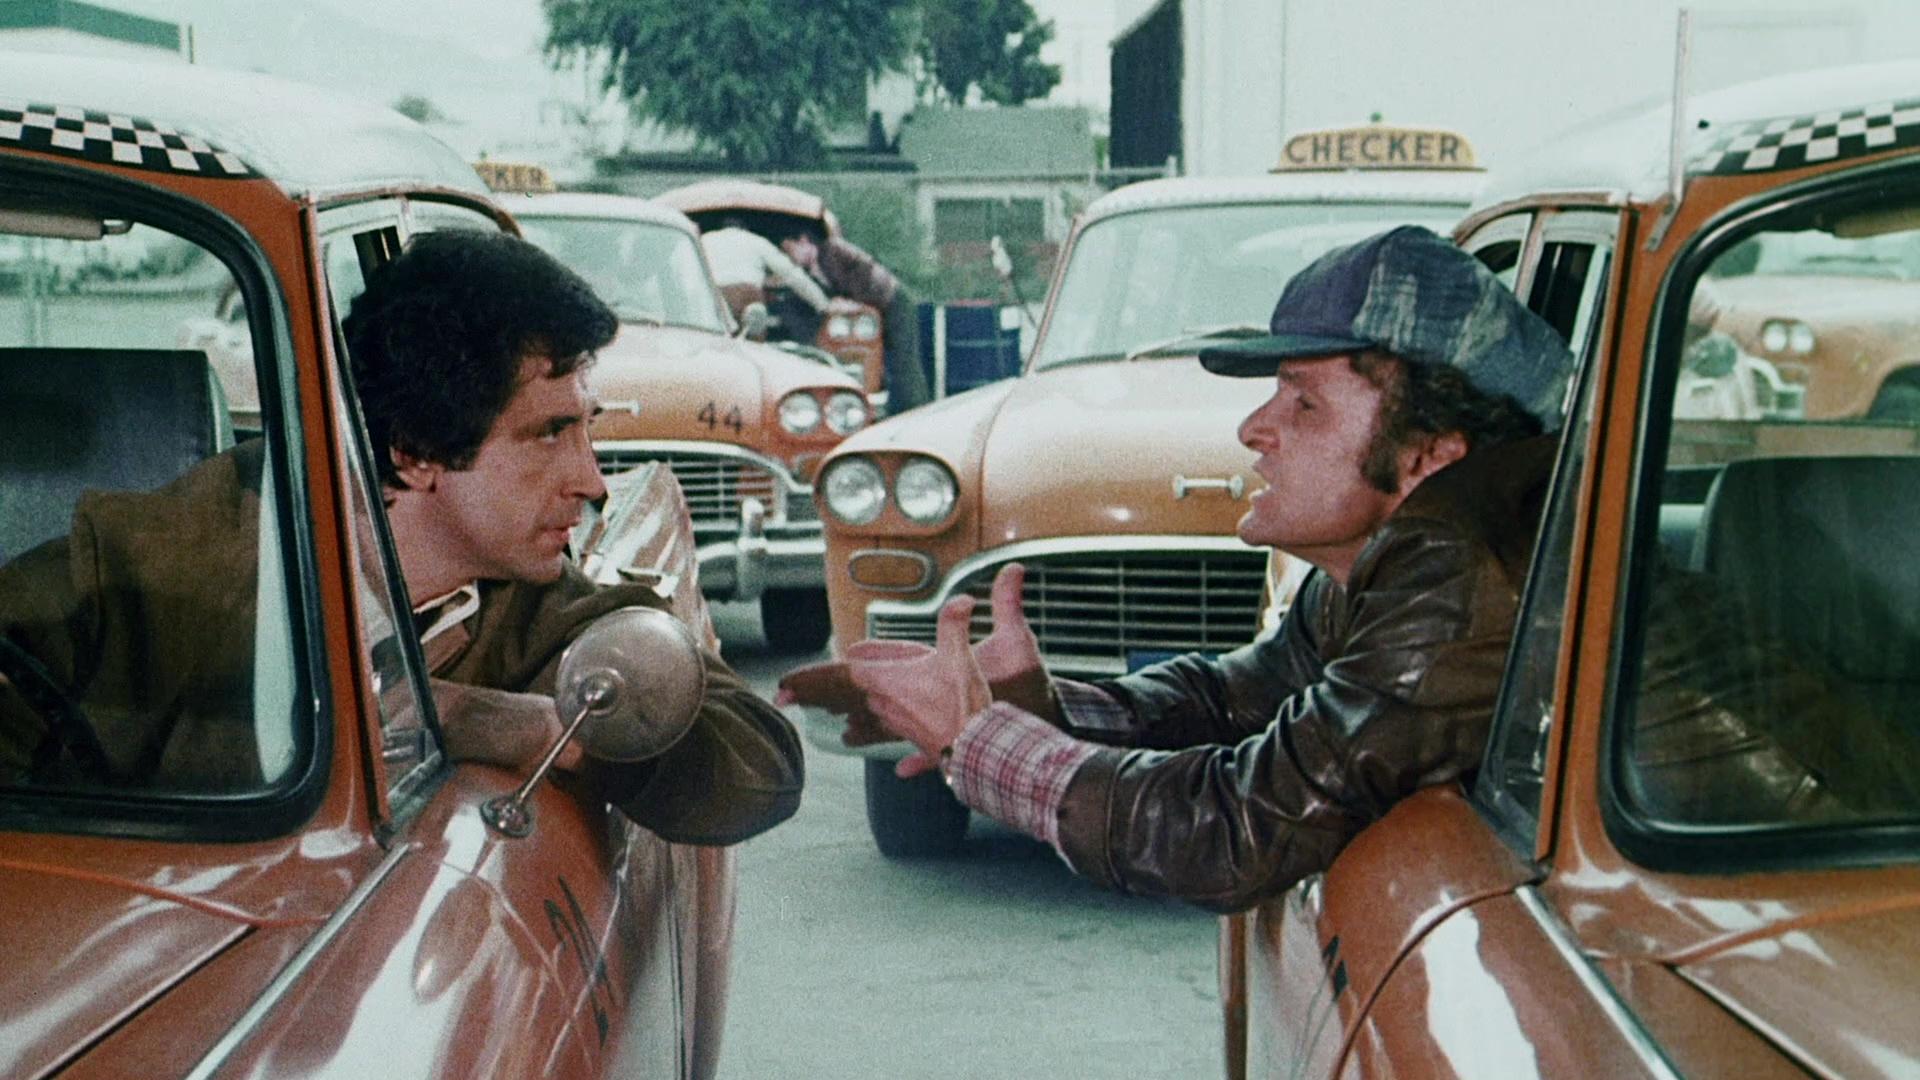 Frank Calcanini and Michael Pataki in The Last Porno Flick (1974)